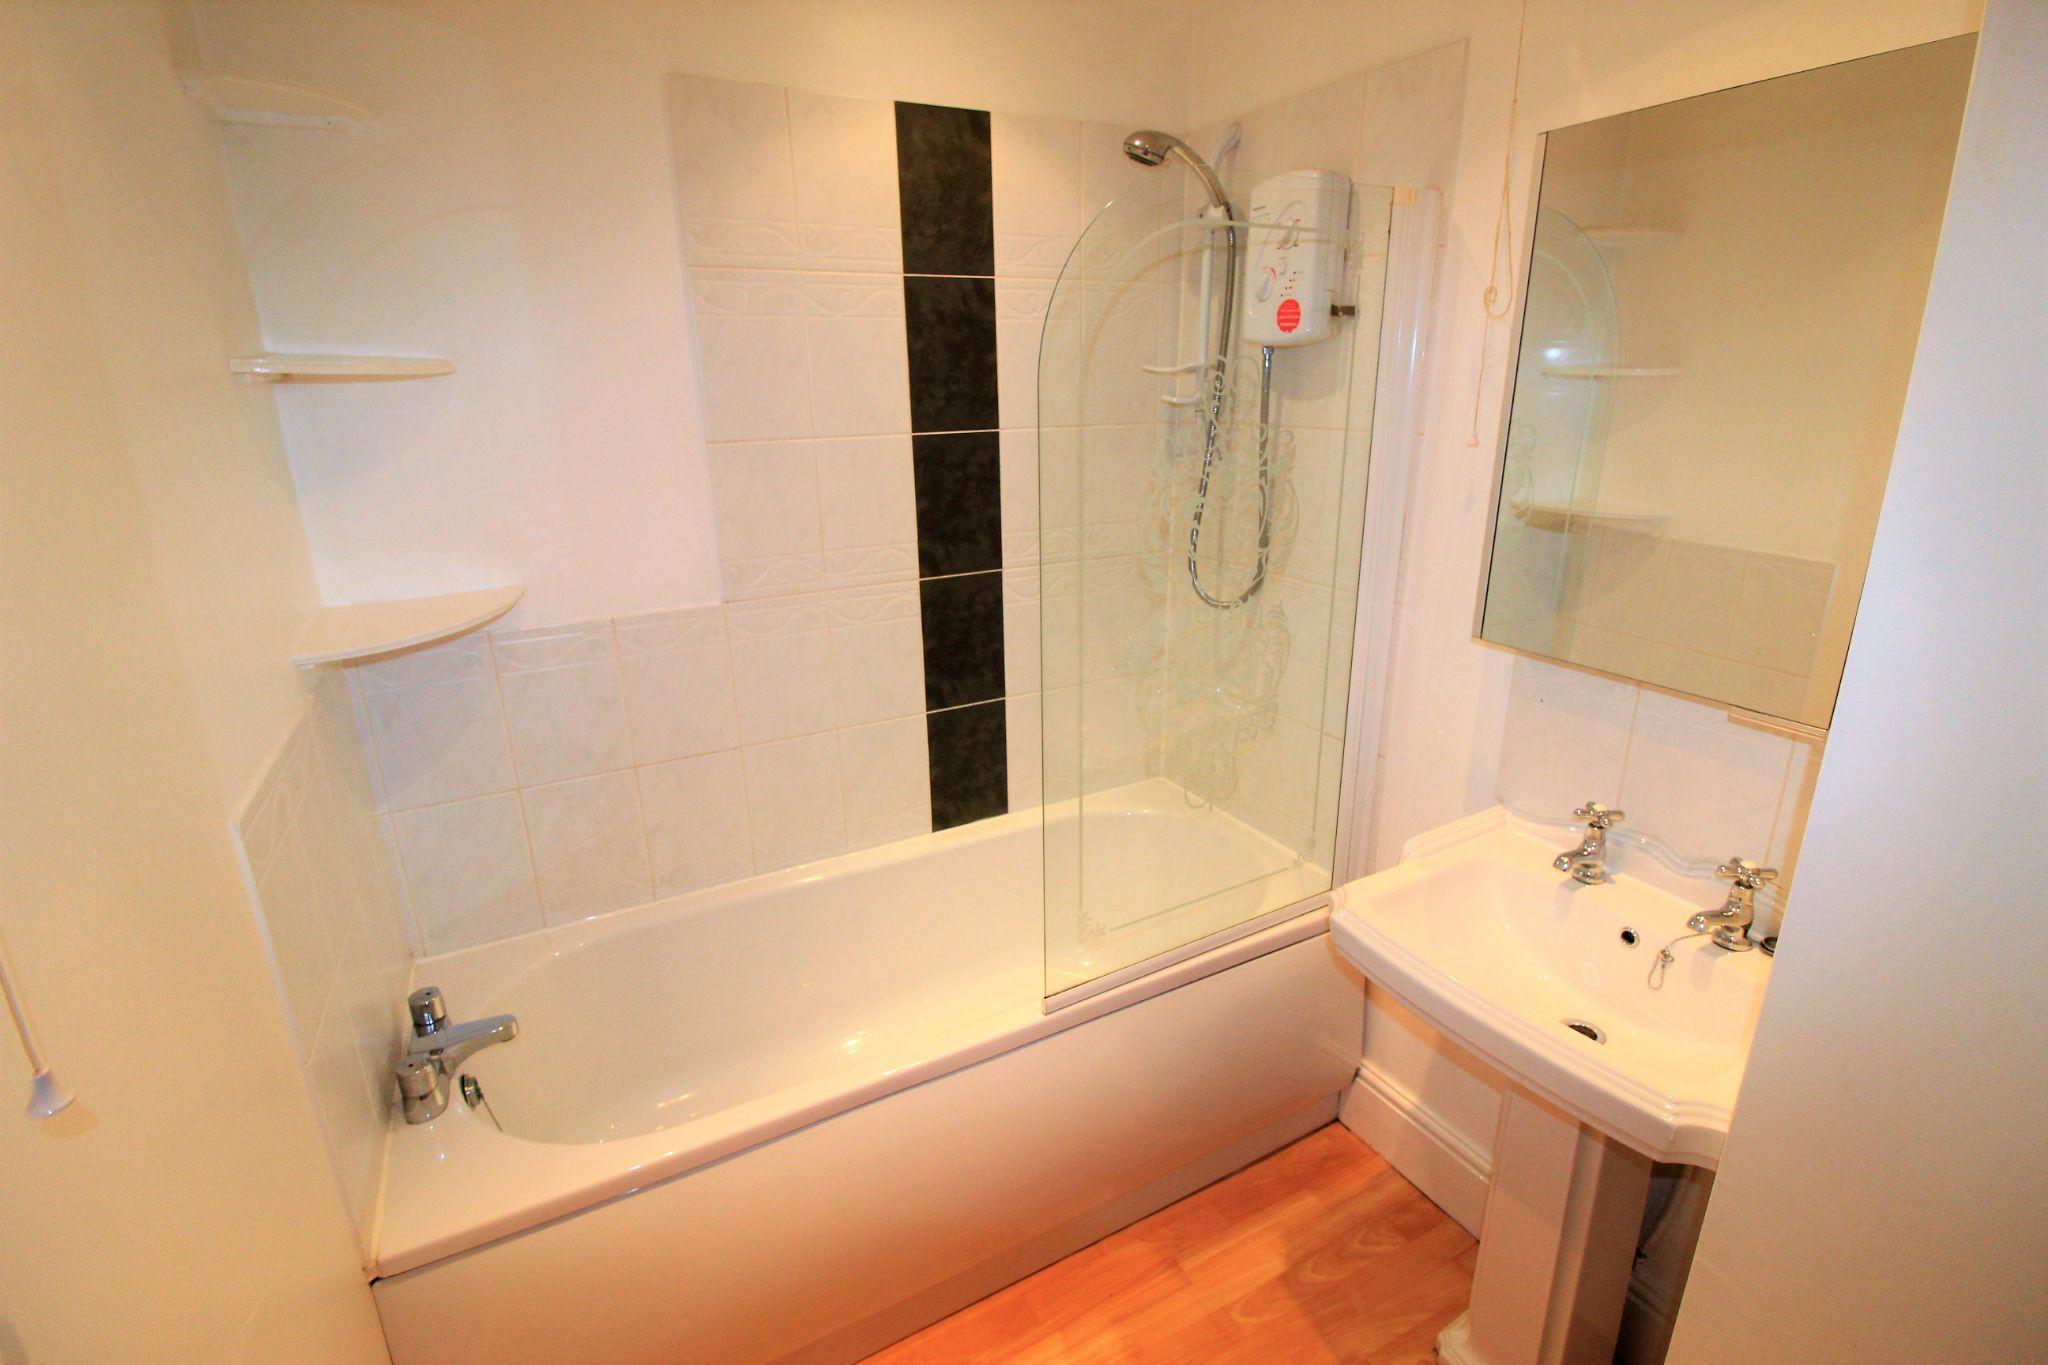 1 bedroom flat flat/apartment Let in Huddersfield - En-suite bathroom